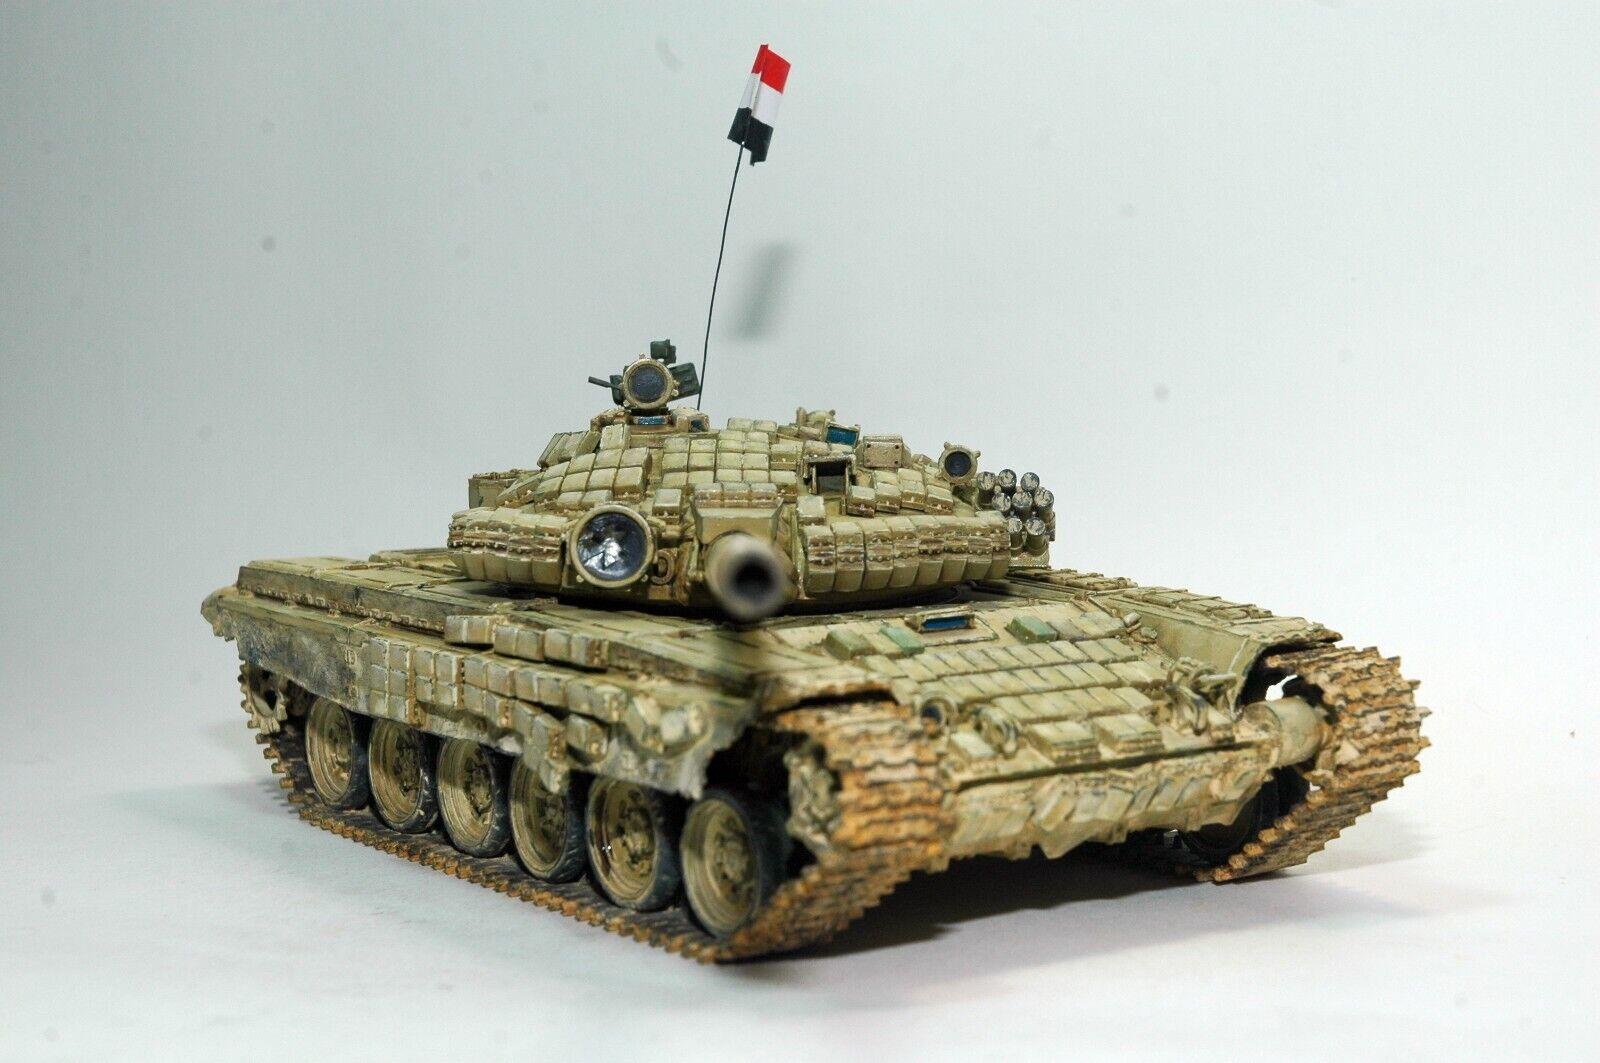 Russo (siriano) serbatoio T-72B 1 35 costruito